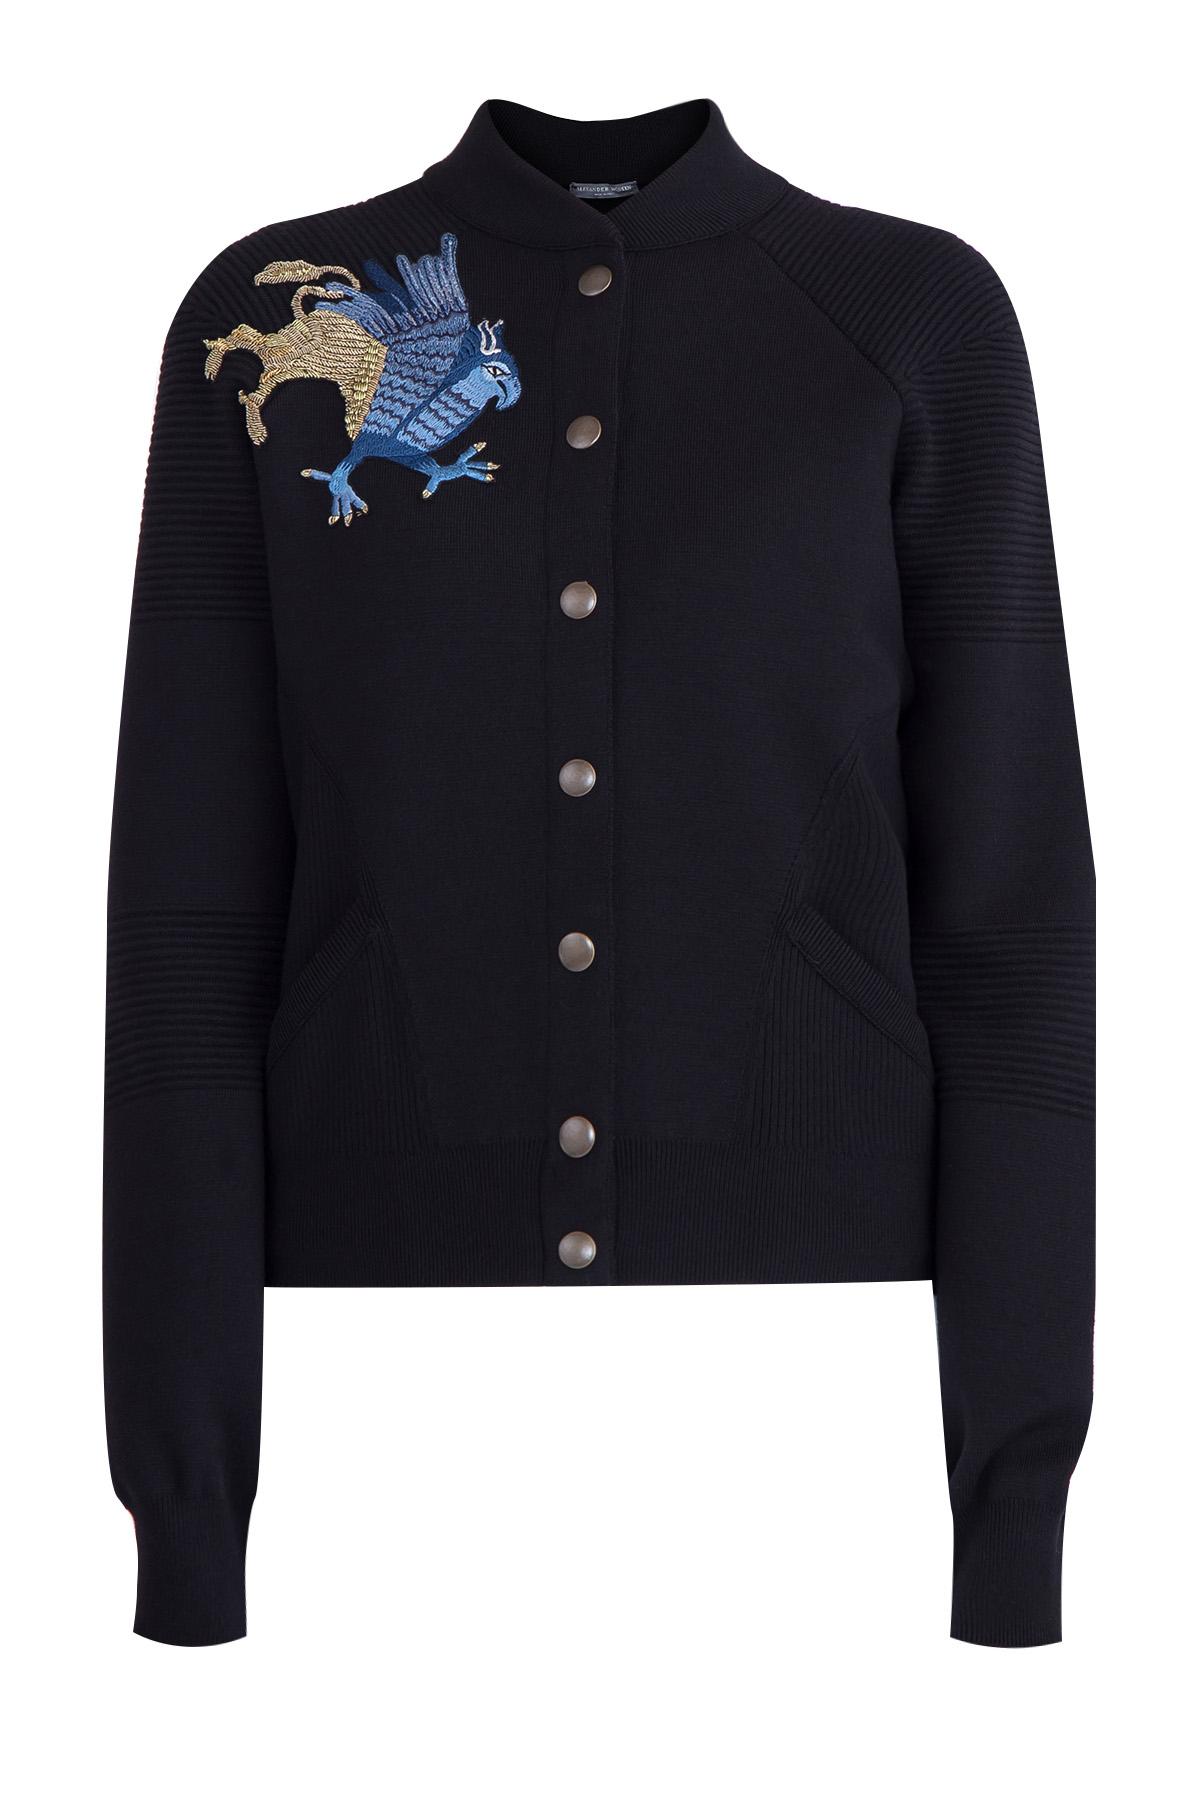 Куртка-бомбер с фирменной средневековой аппликацией в виде грифона фото